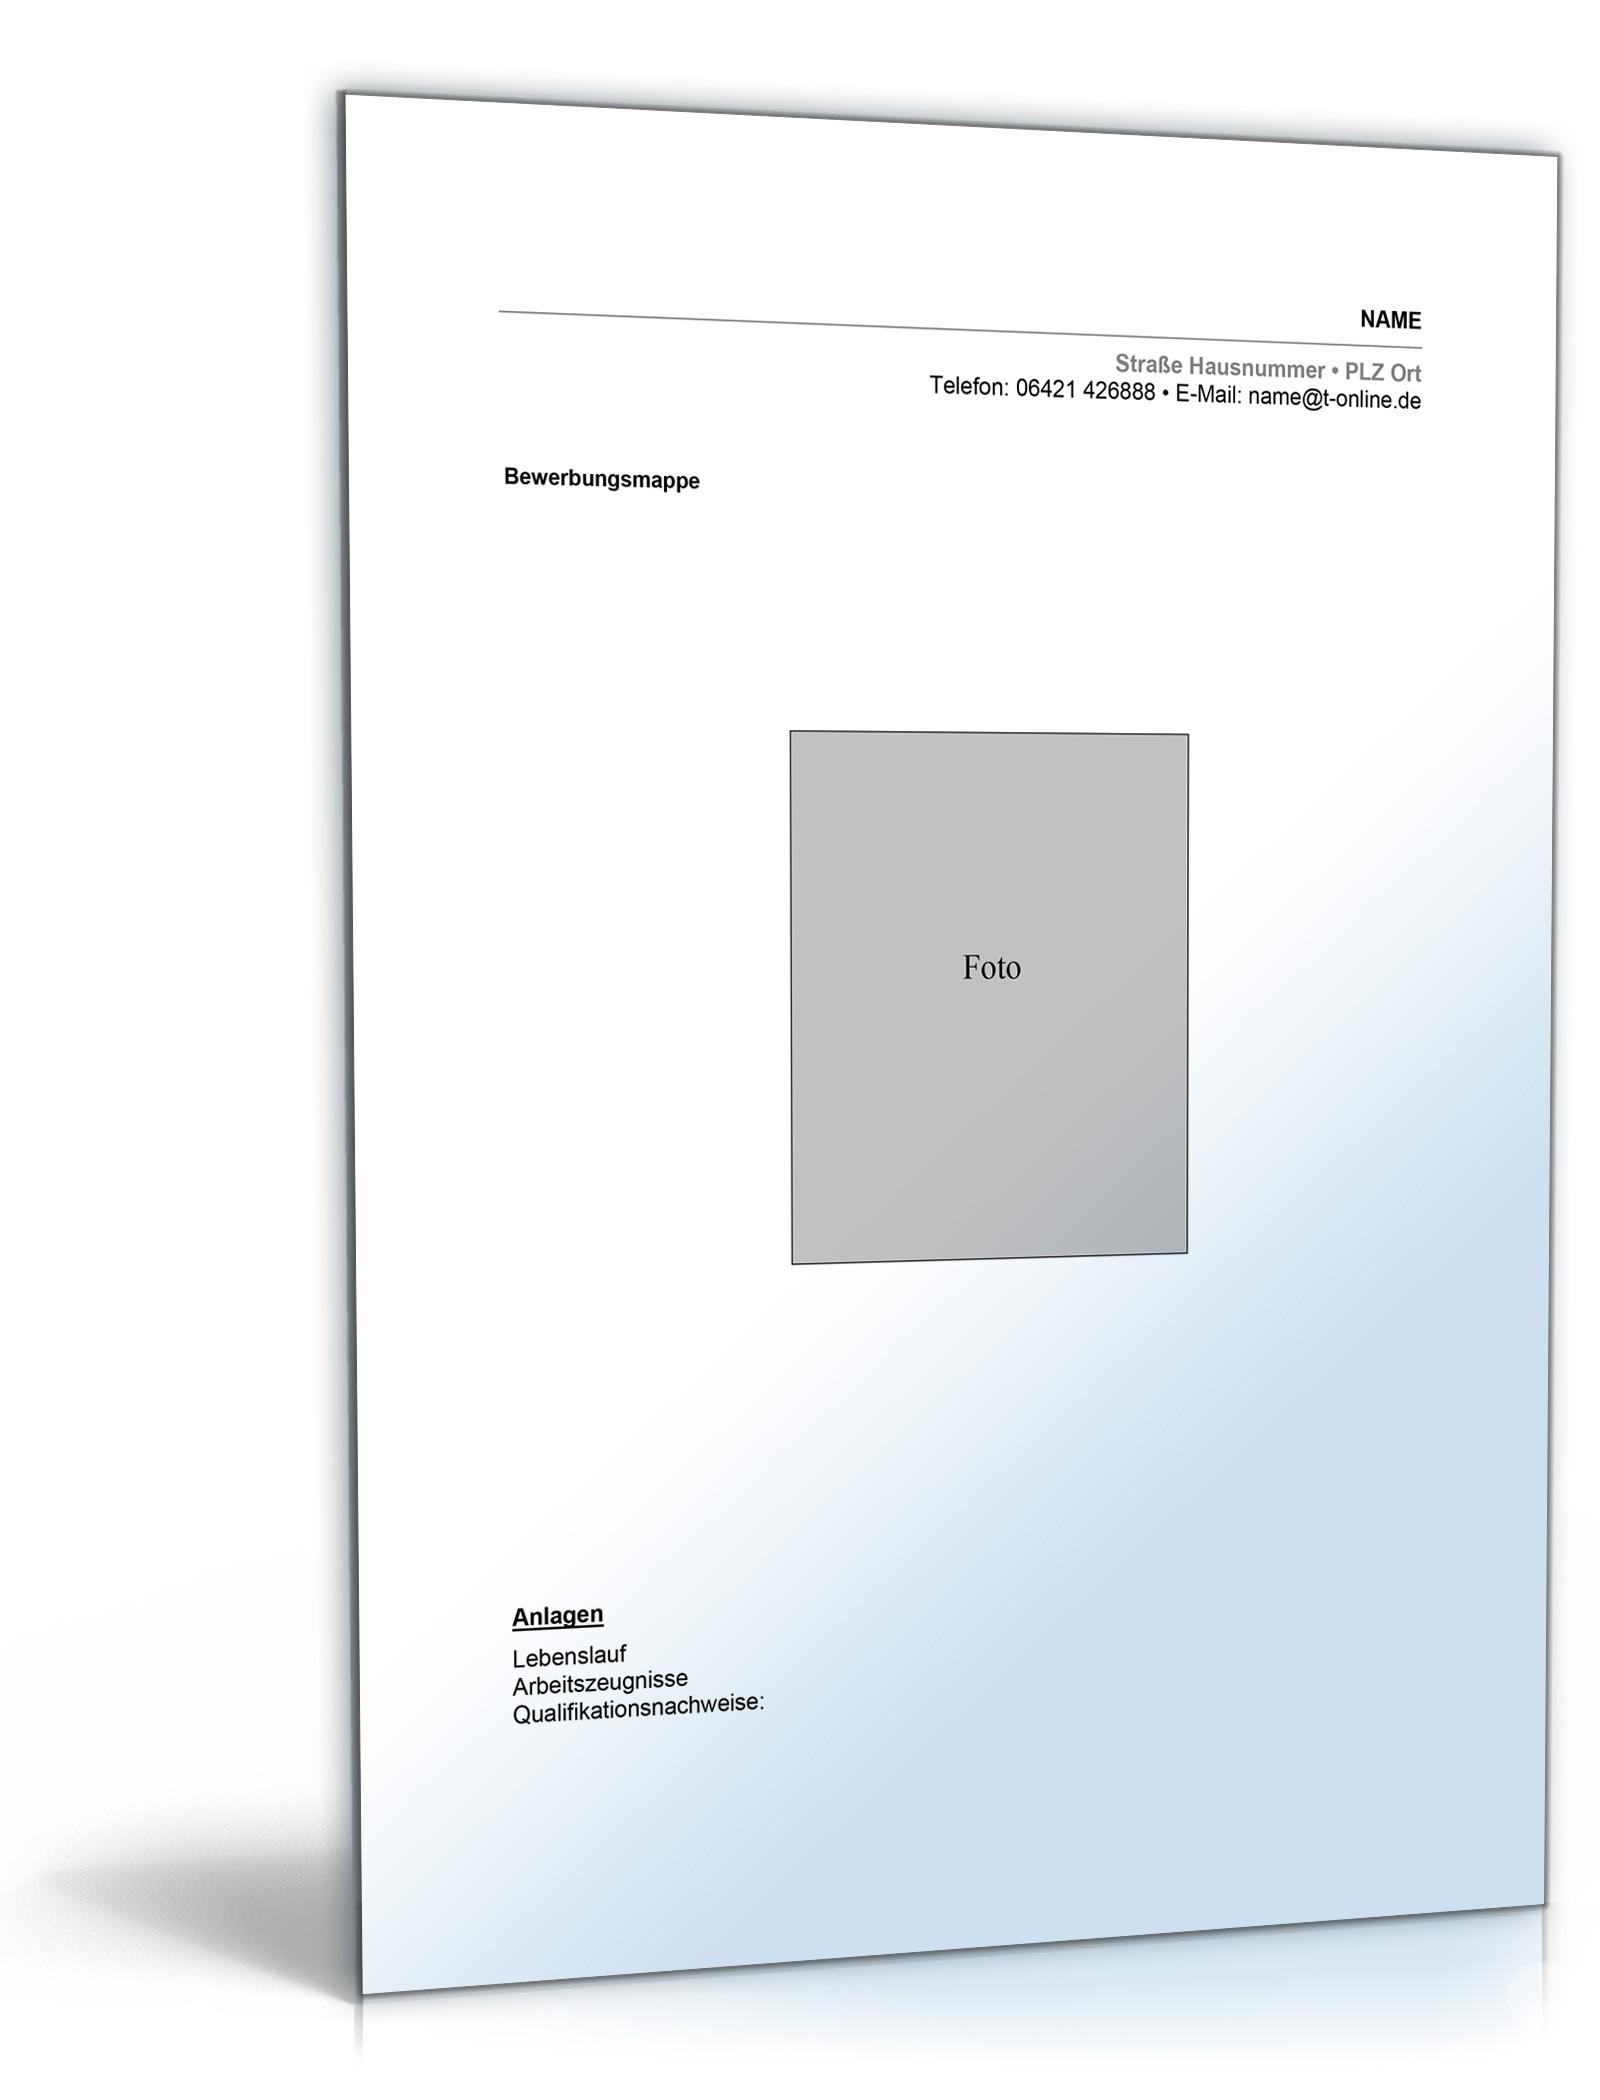 Ausgezeichnet Lebenslauf Online Ansehen Bilder - Beispiel Business ...